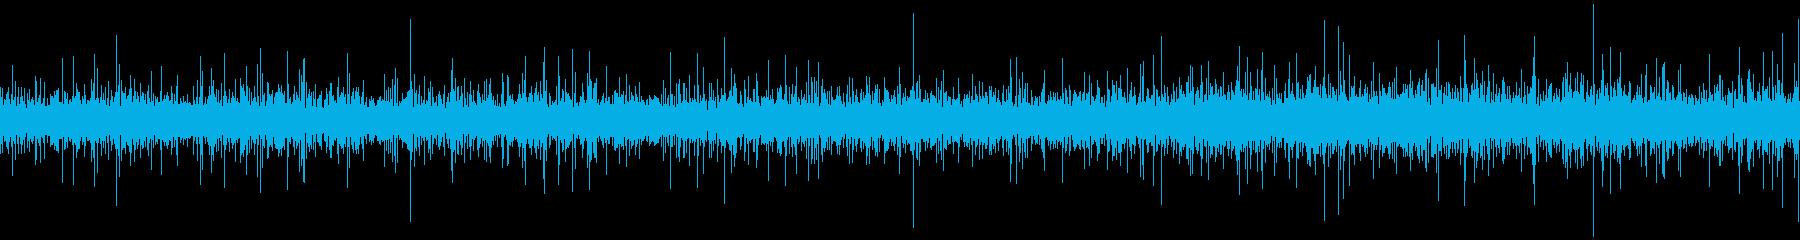 川のせせらぎと秋の虫の声の再生済みの波形